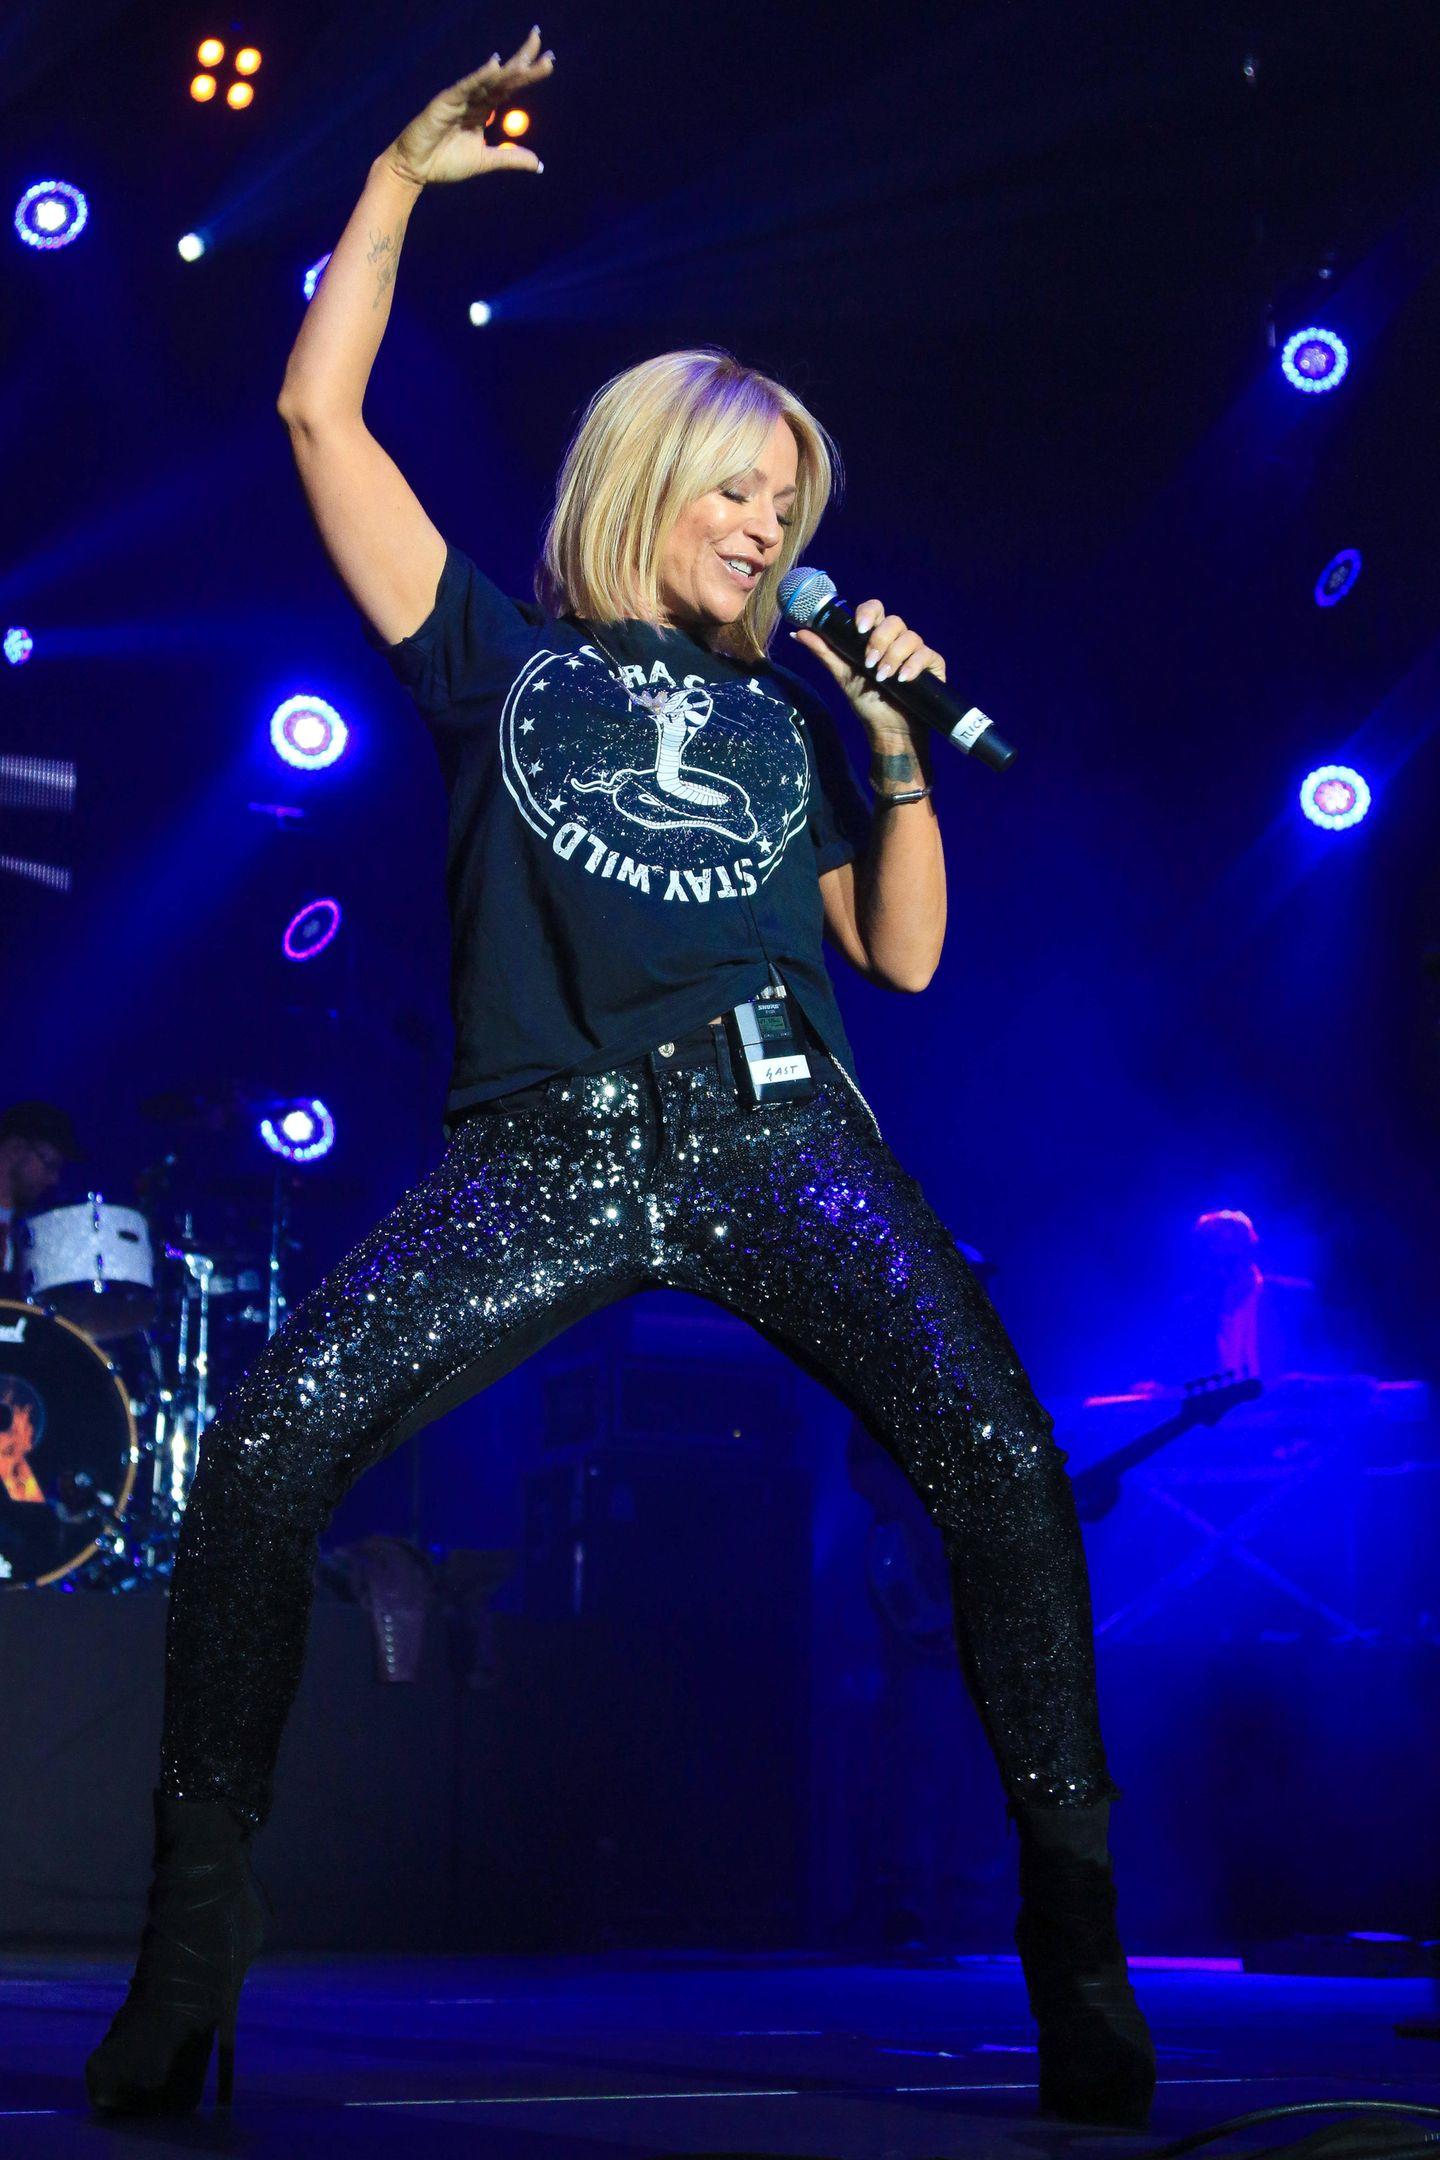 Während Kollegin Vanessa Mai ein glitzerndes Oberteil gewählt hat, glänzt Michelle in einer funkelnden Hose. Dazu kombiniert sie ein lässiges Shirt im Rocker-Style. Da soll noch mal jemand behaupten, Schlager sei nicht sexy - oder was meinen Sie?